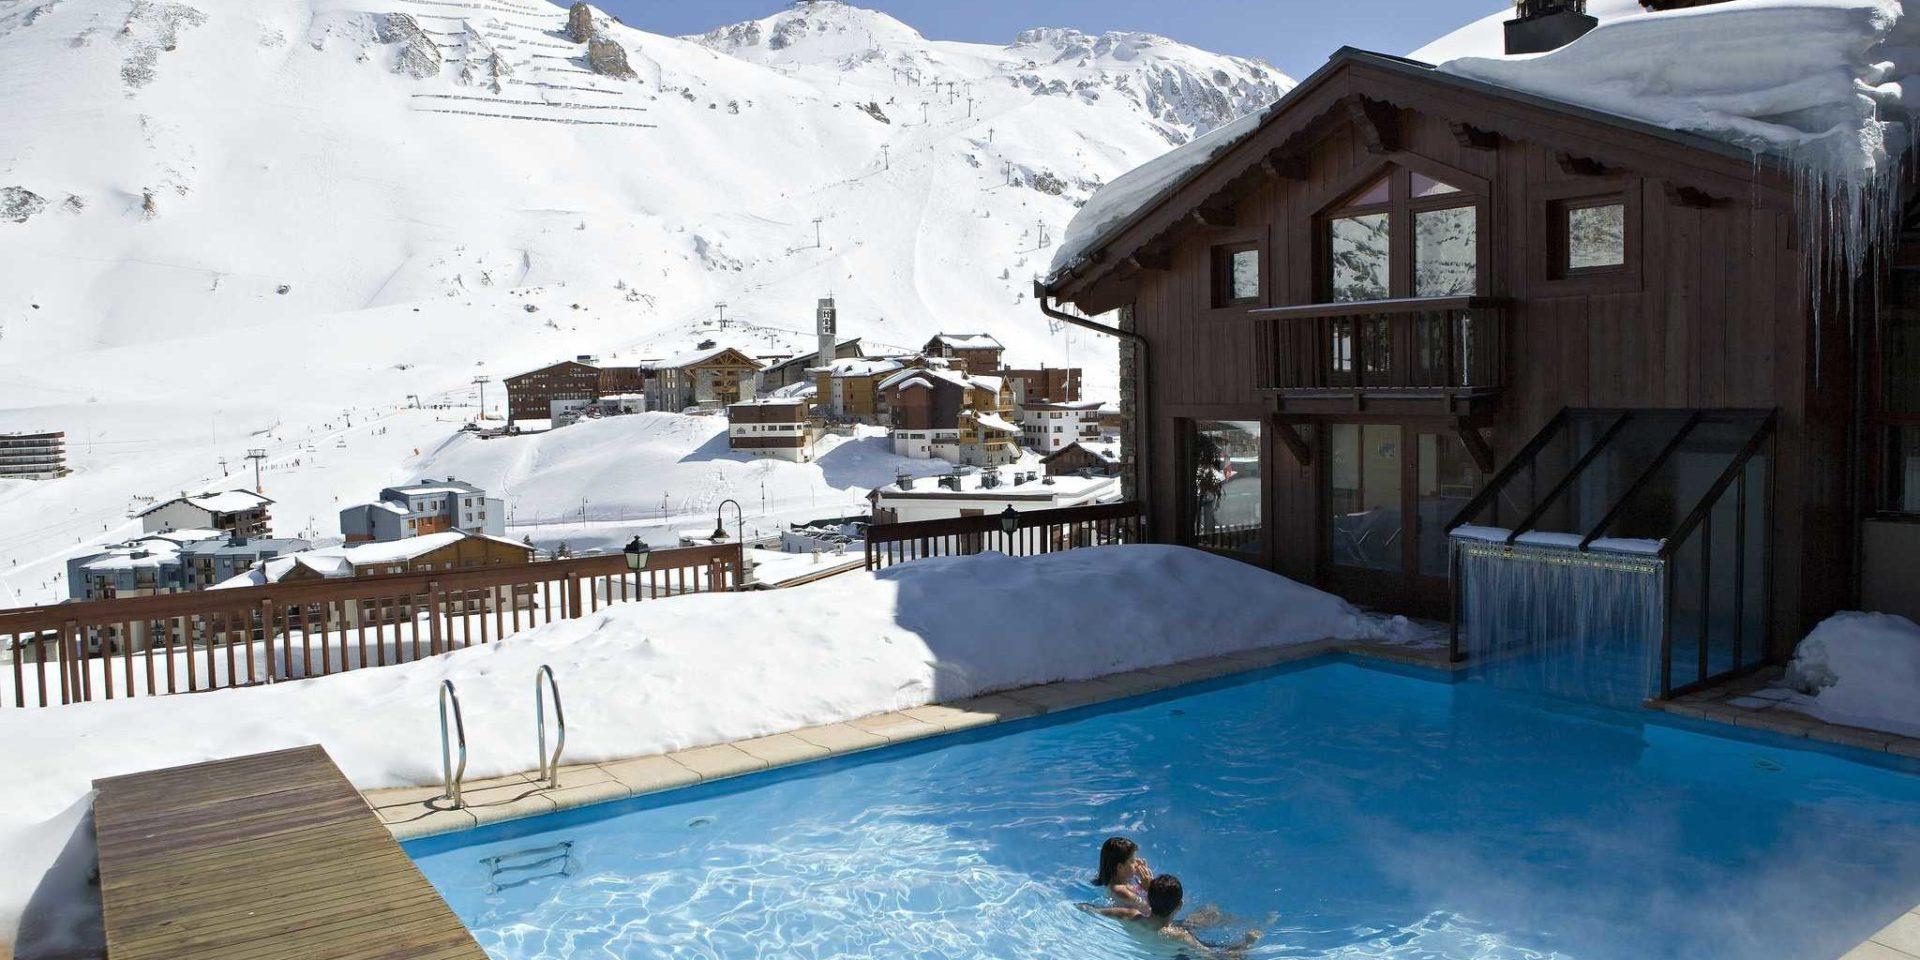 Hotel Village Montana Tignes Tignes-Val d'Isere Frankrijk wintersport skivakantie luxe buiten zwembad mensen Hotel Village Montana dorp Tignes besneeuwde bergen sneeuw zwemmen ontspannen relaxen genieten